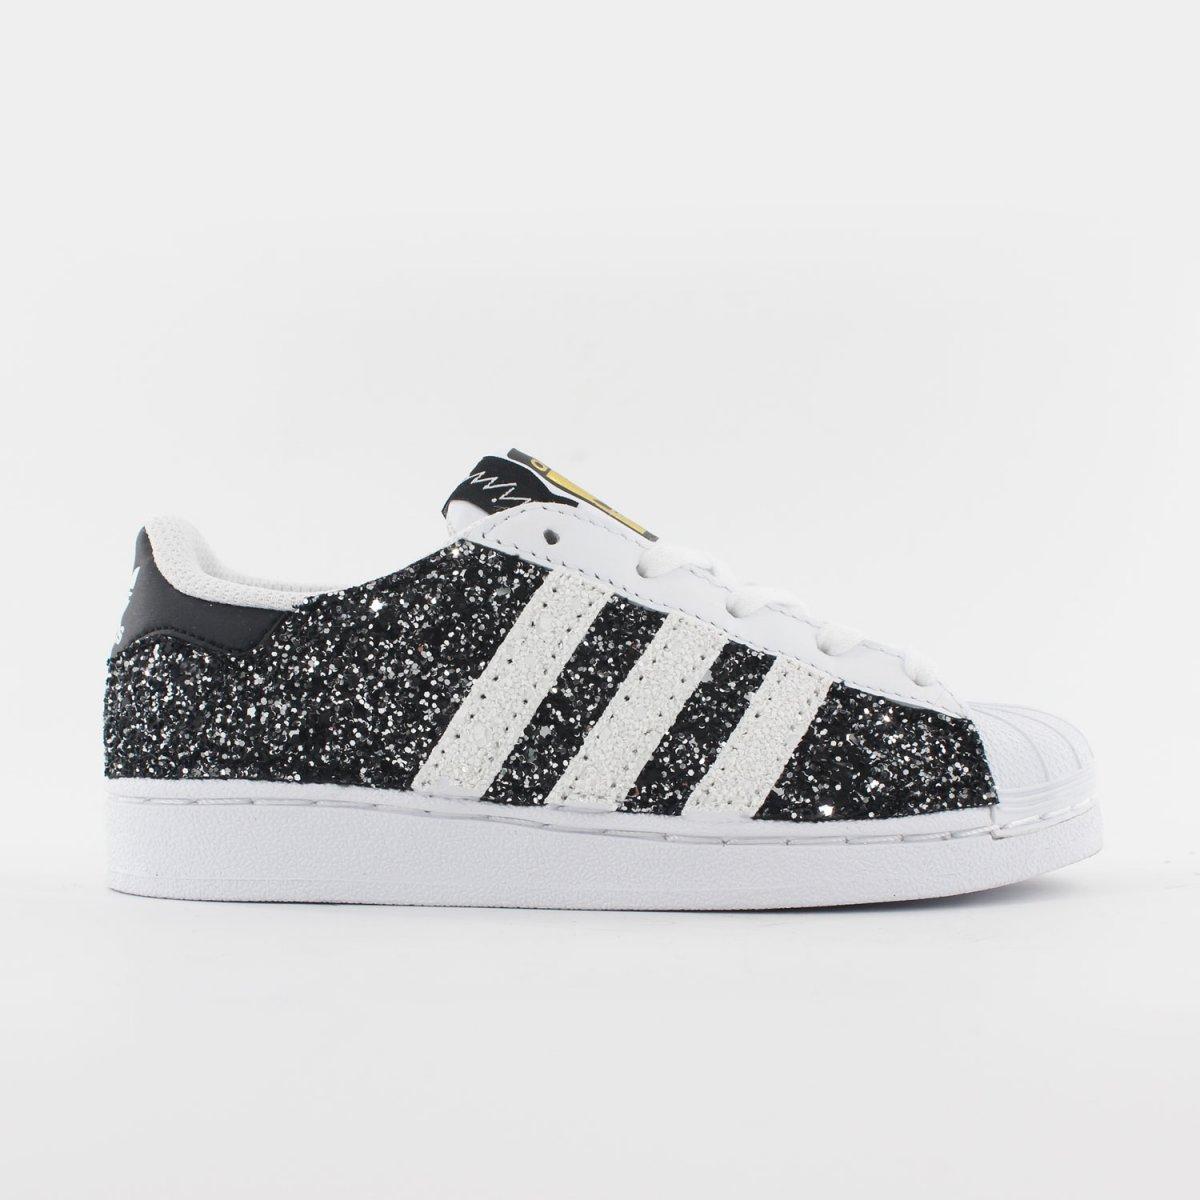 Adidas Superstar Junior Glitter Black